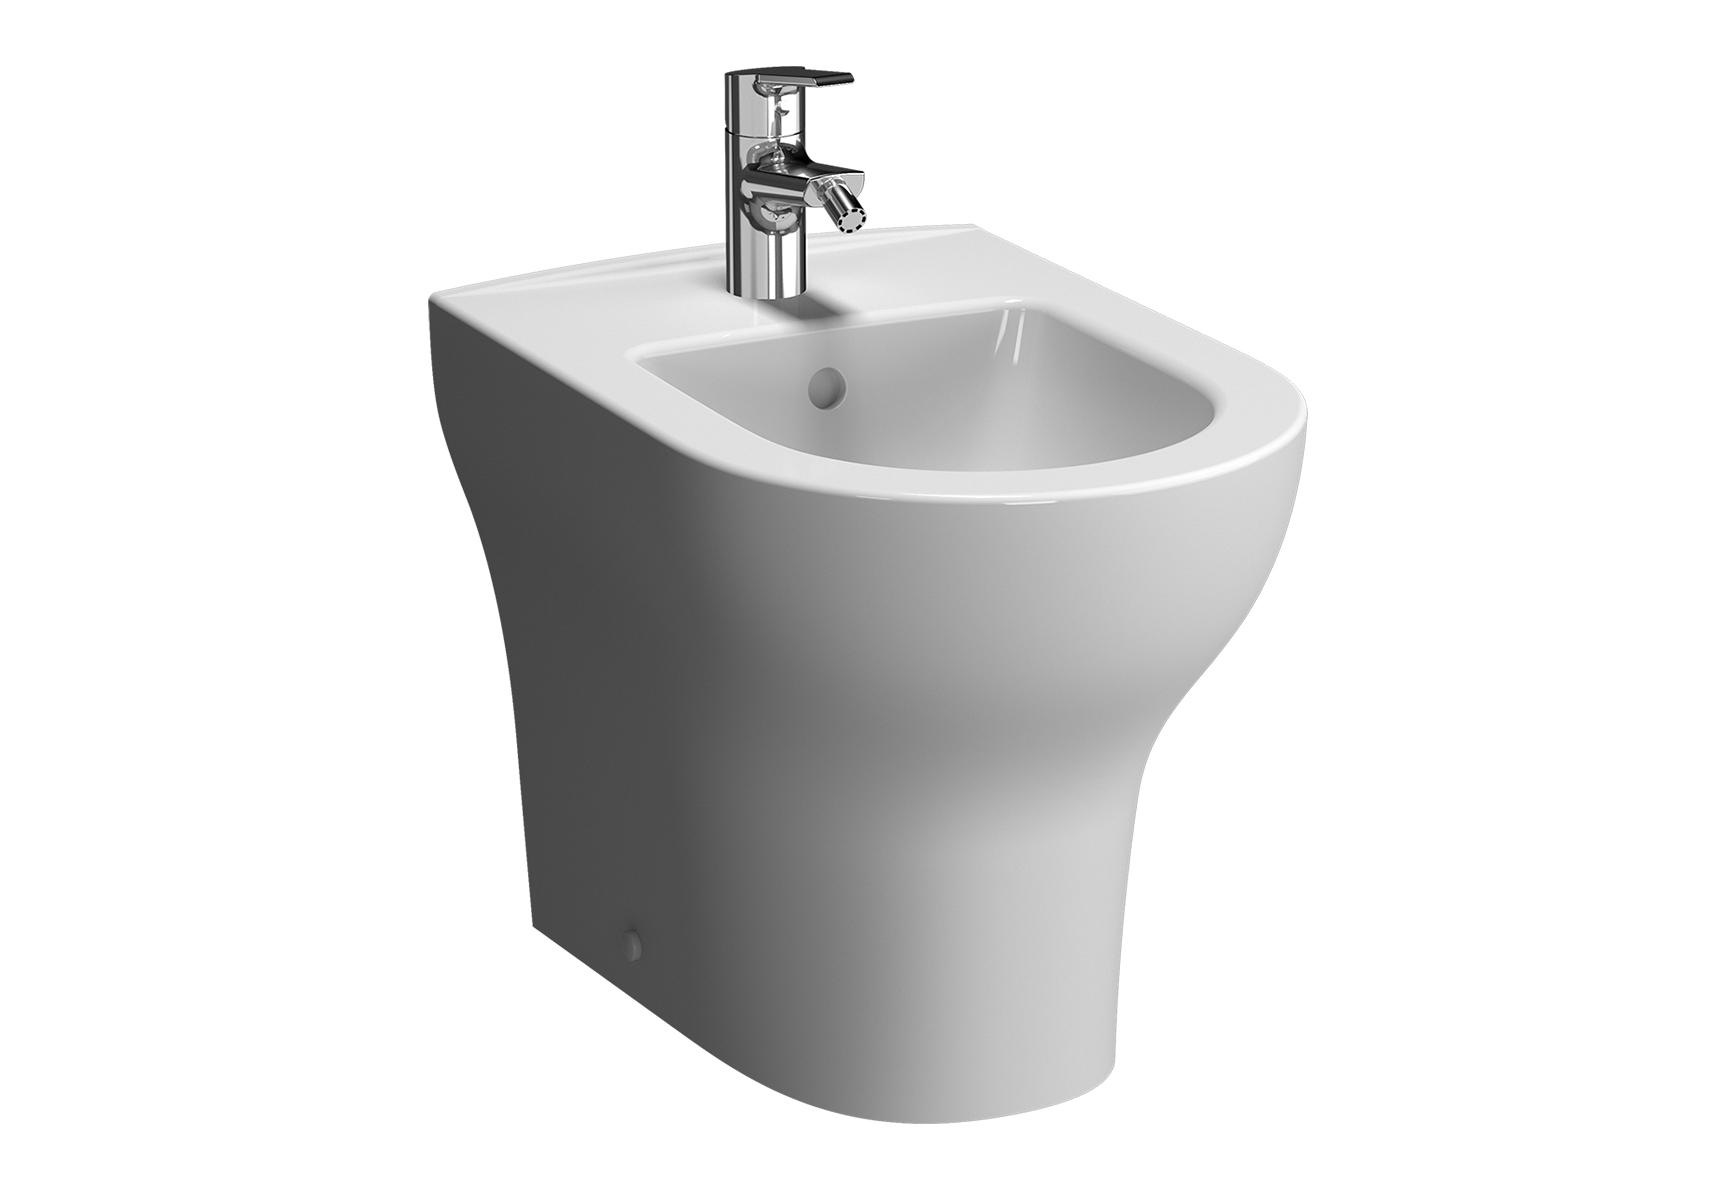 Zentrum bidet à poser, 52 cm, avec trop-plein, 1 trou de robinet central